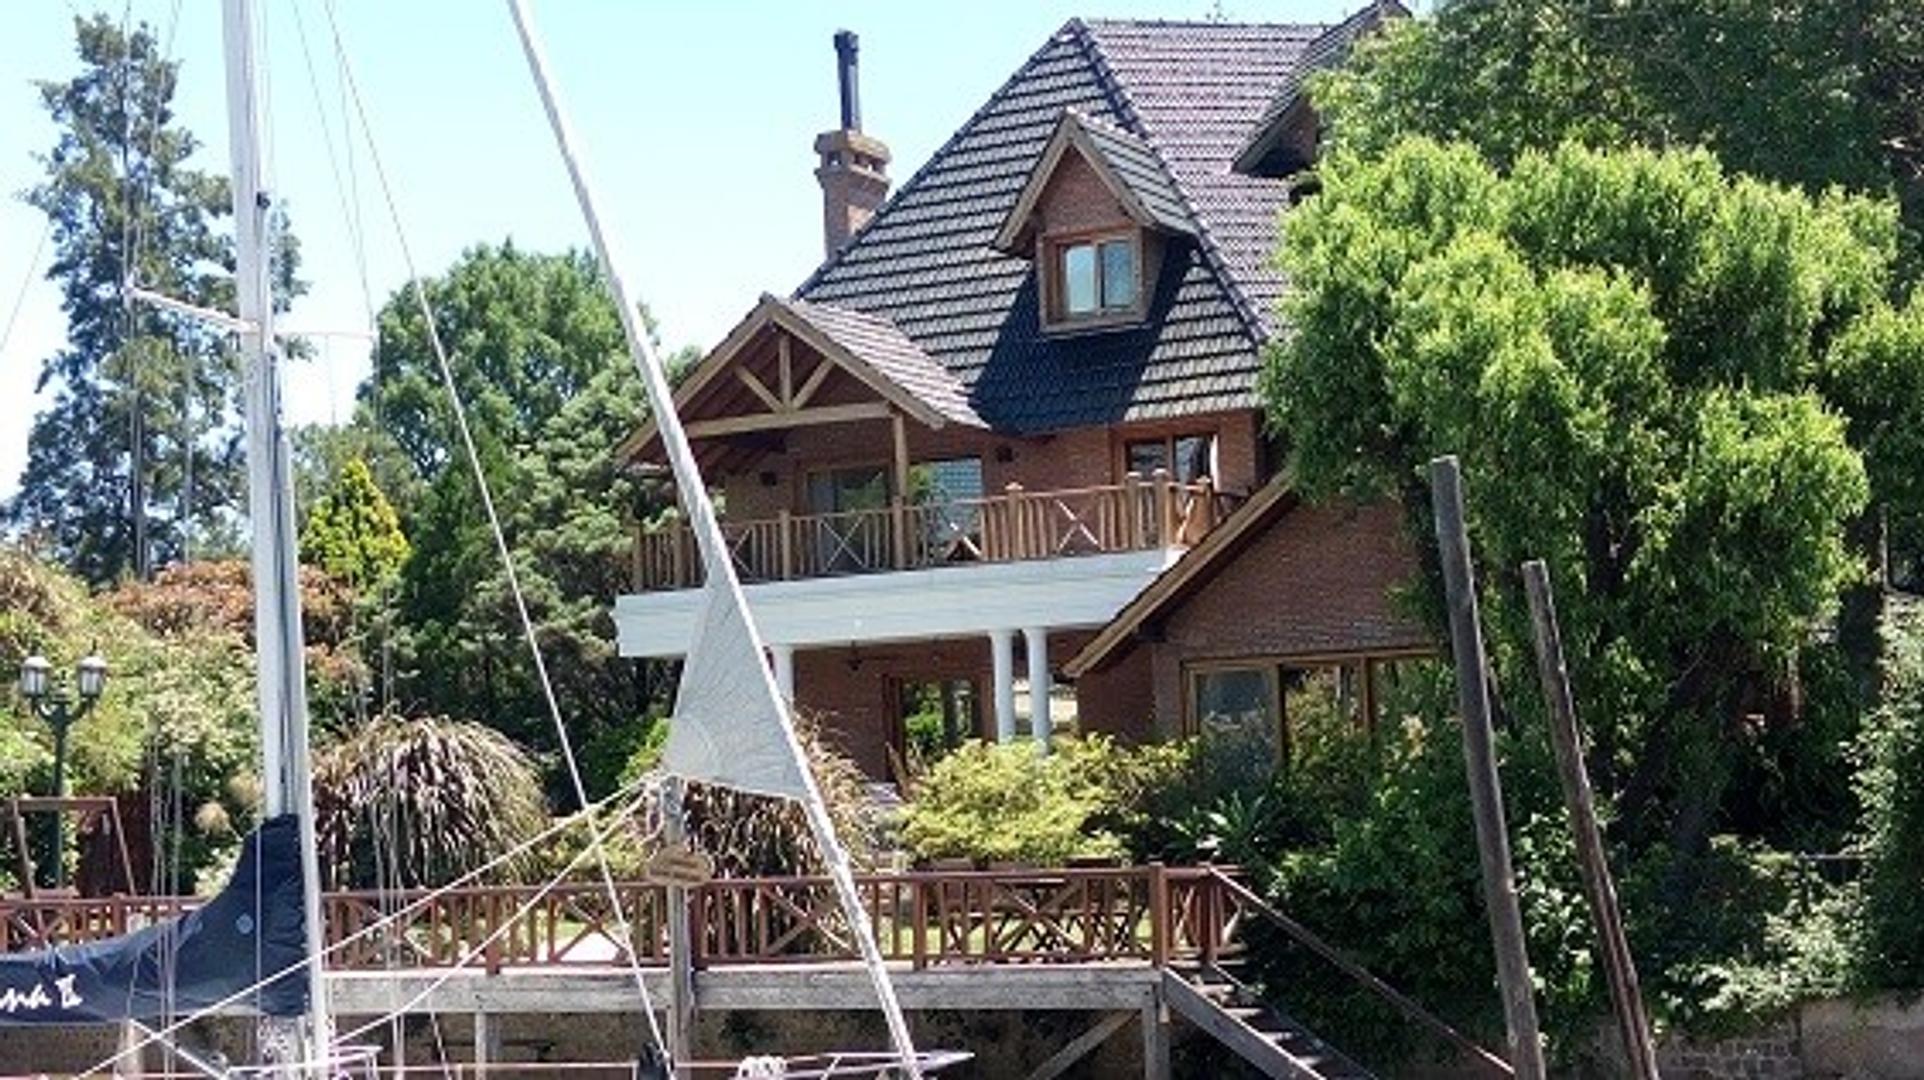 Casa en Venta en Boat Center - 5 ambientes